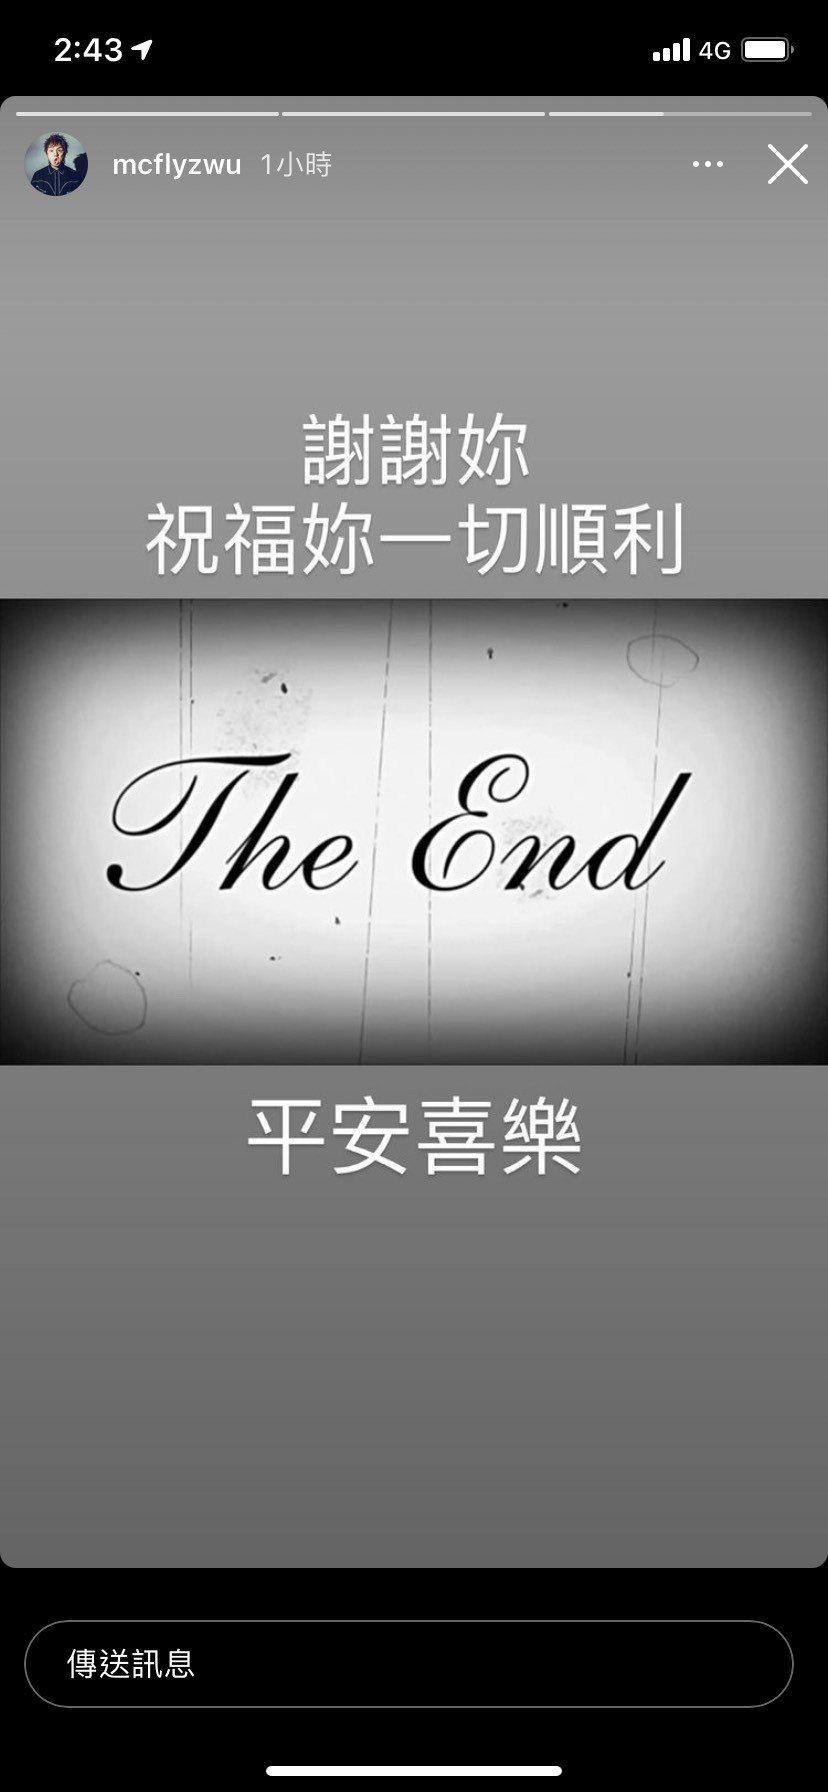 大飛在社群限動祝福楊晨熙。圖/摘自臉書